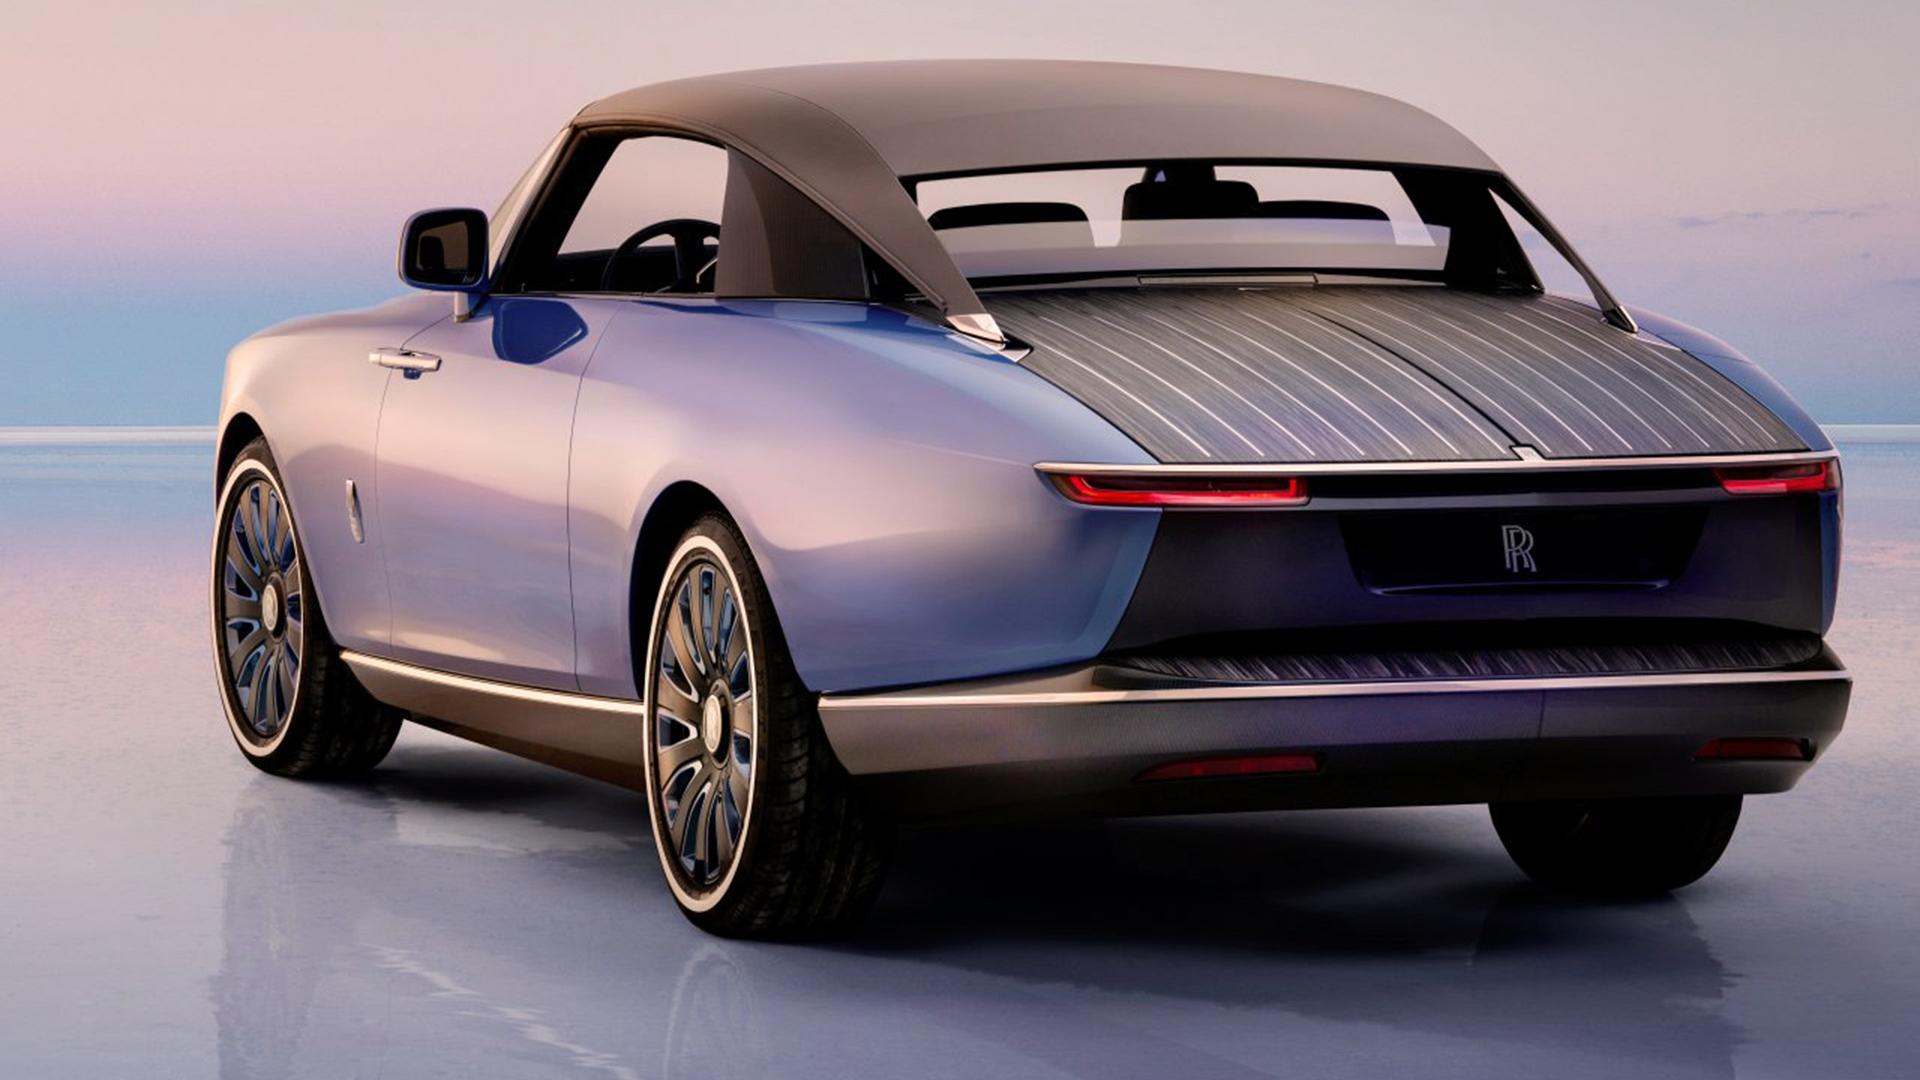 Rolls Royce fabricó el auto más caro del mundo y sus dueños son dos famosos  músicos - Infobae